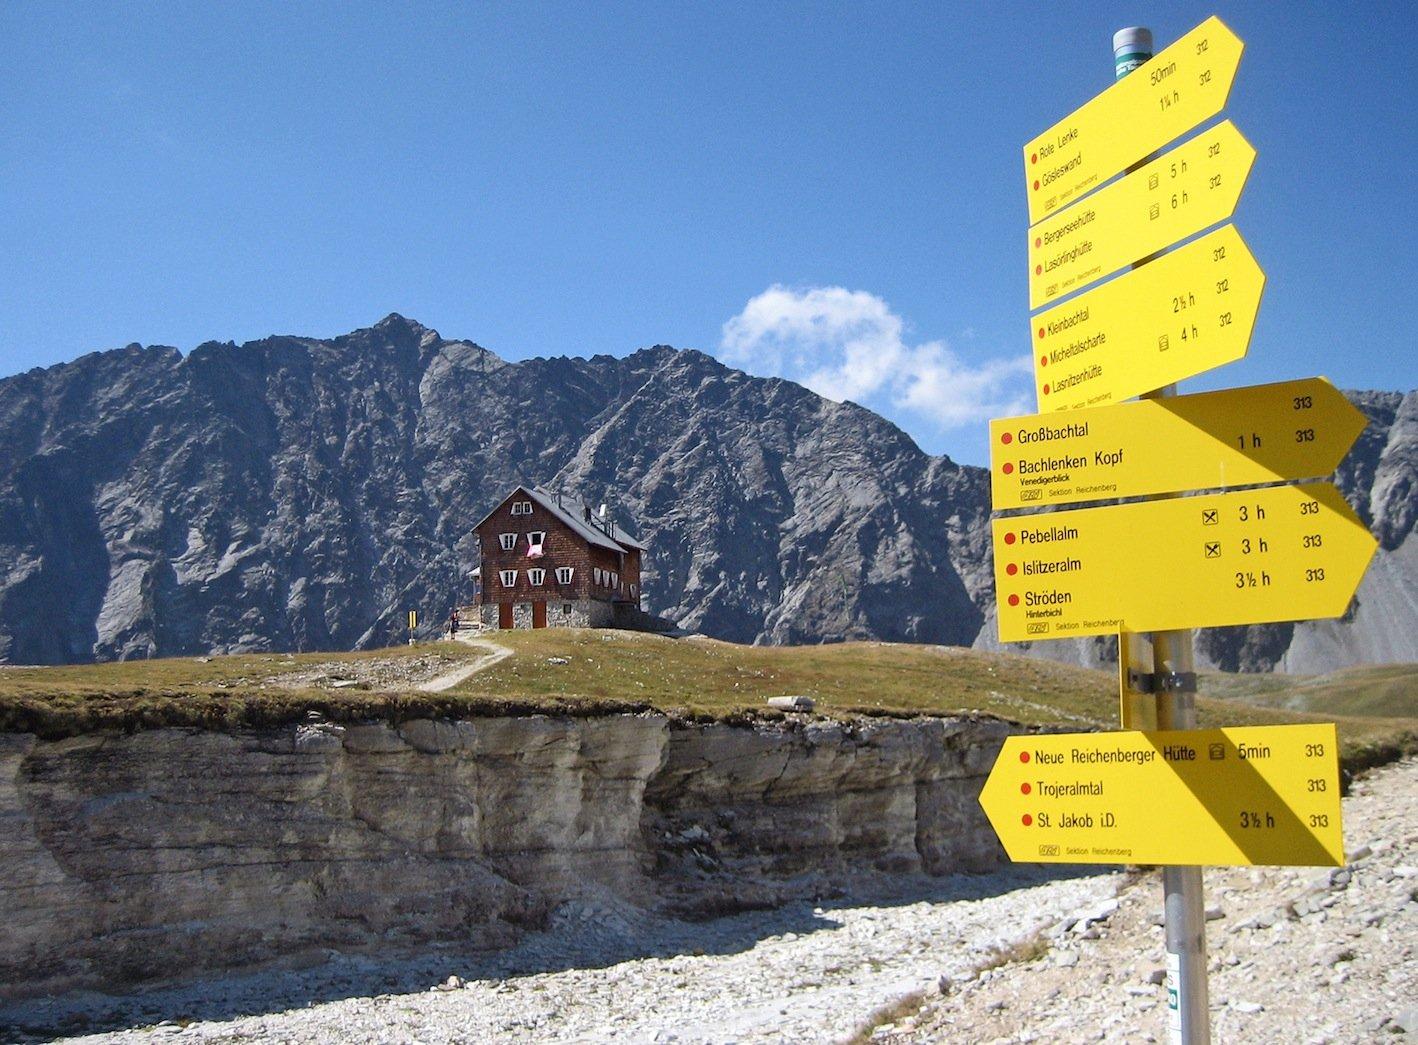 News – Wandersommer 2016: Alpenvereinshütten von DAV und ÖAV starten in die neue Sommersaison